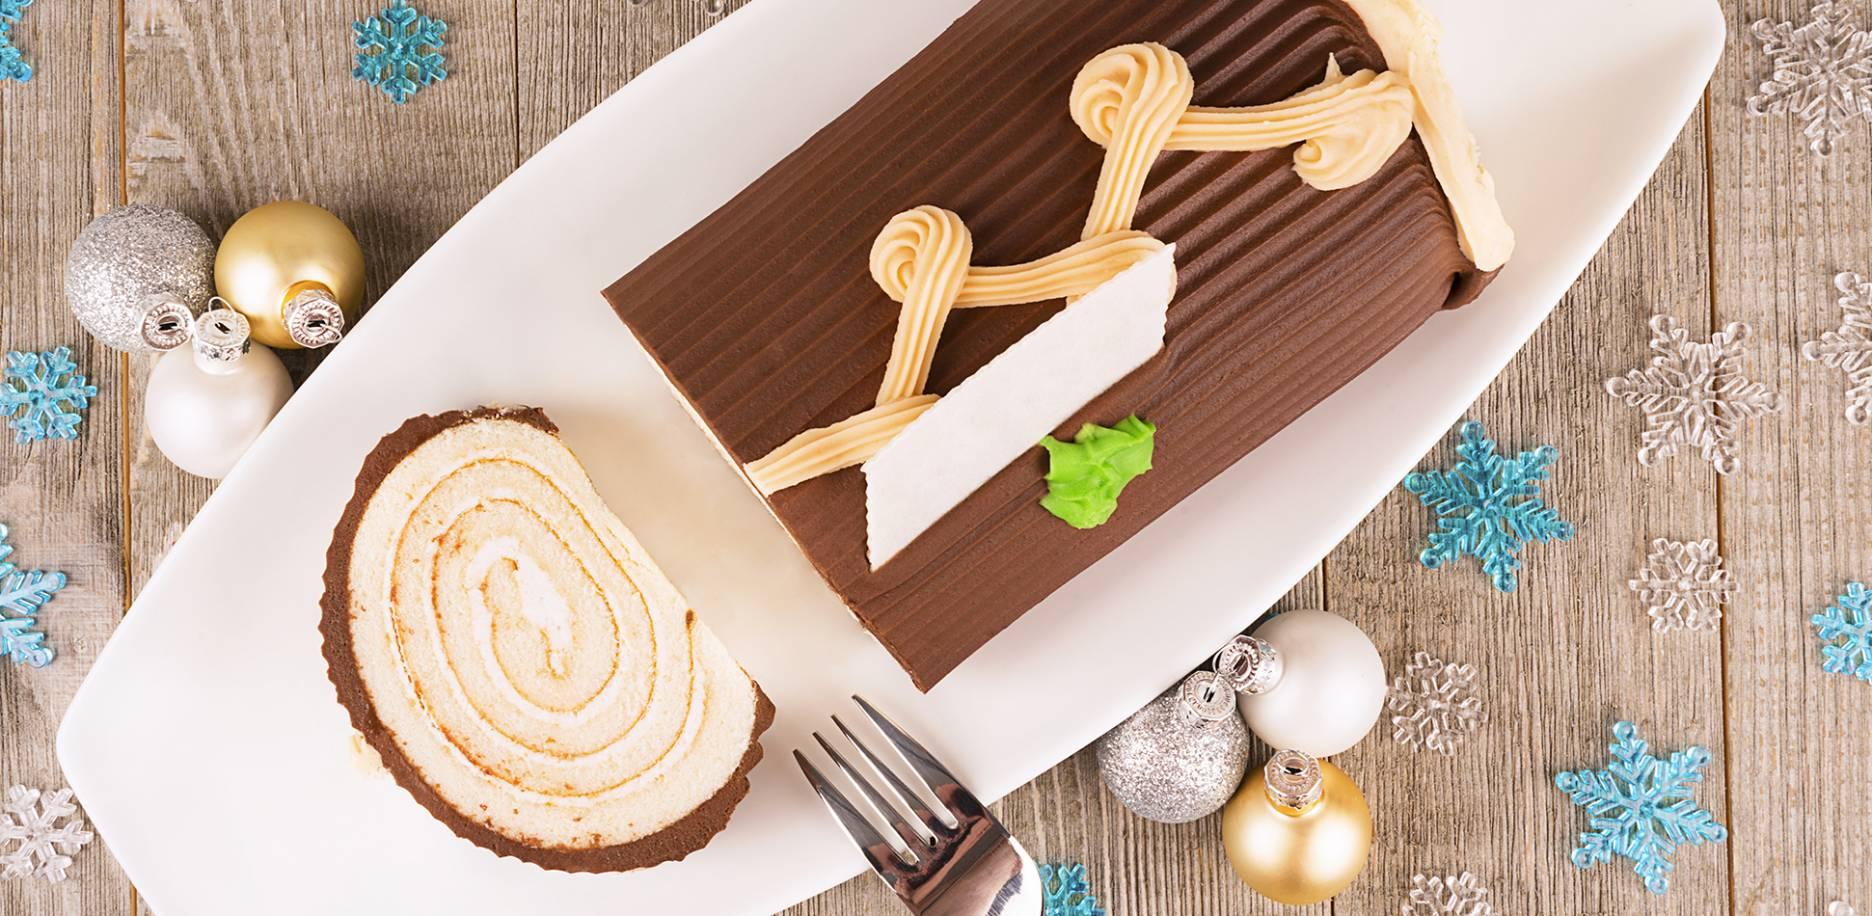 Recette : Bûche au chocolat et à la vanille Bourbon